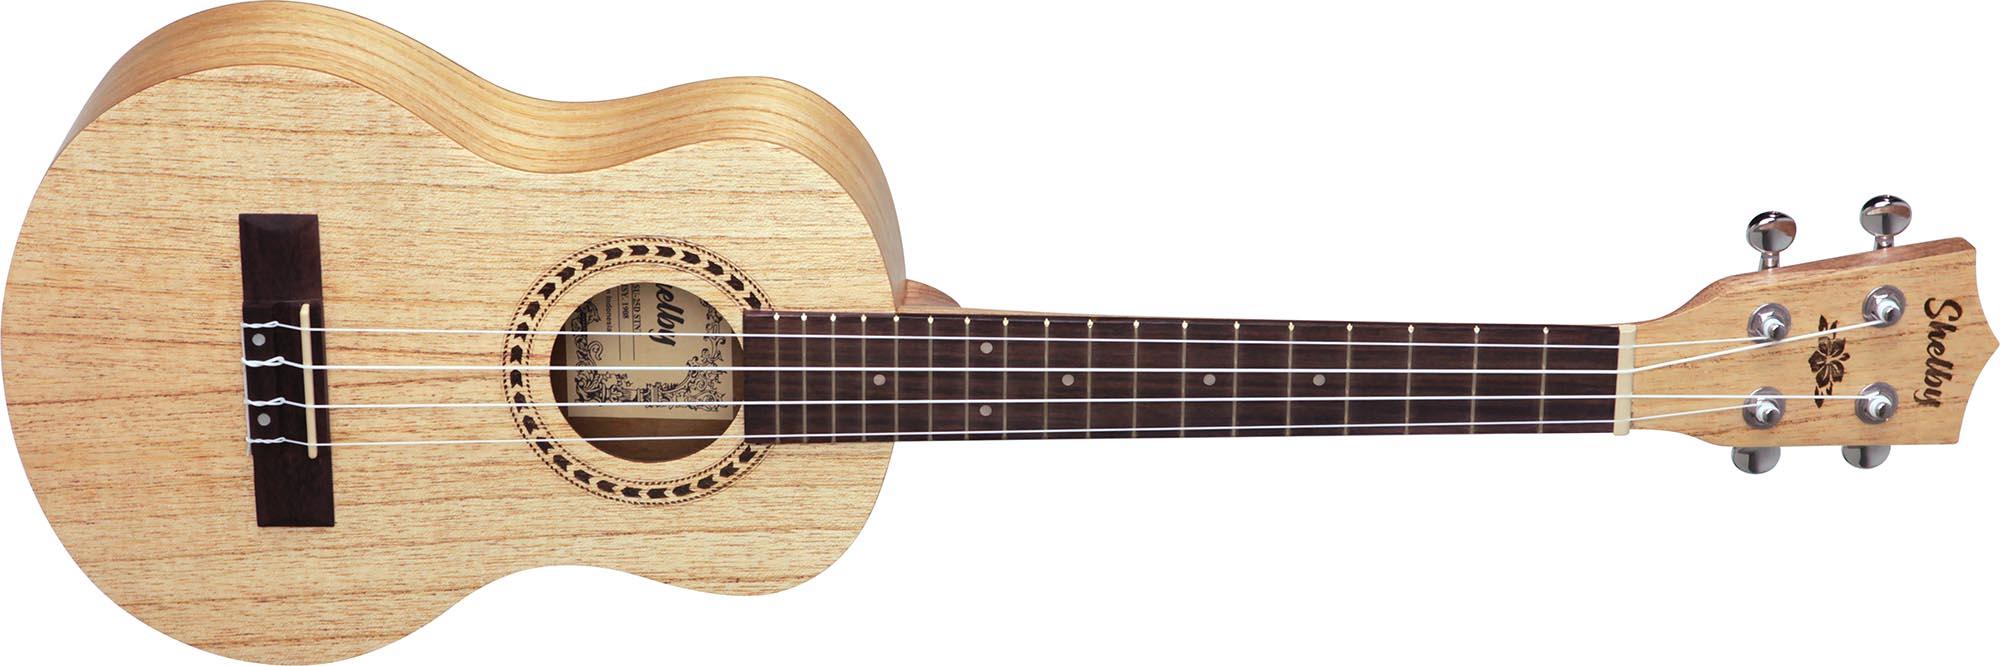 su25d ukulele tenor shelby su25d stnt cedro branco acetinado visao frontal